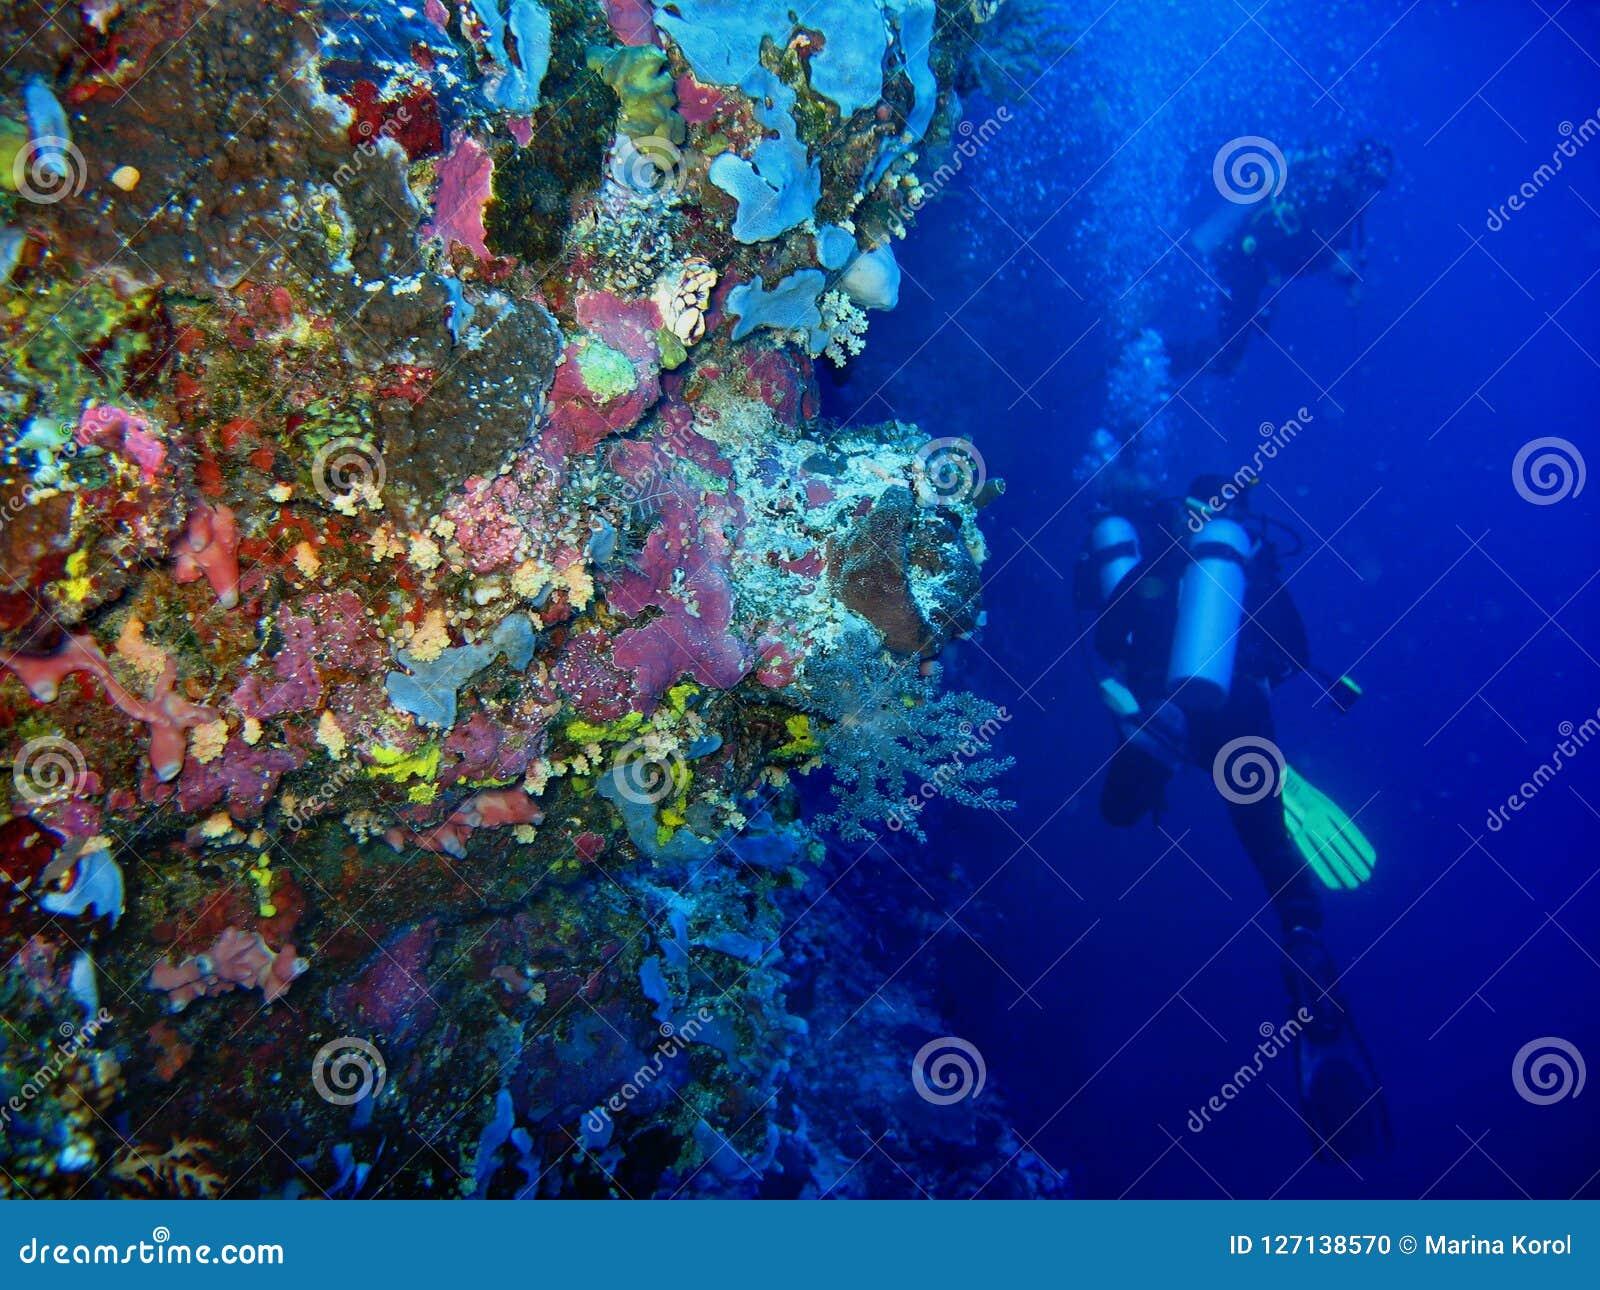 Φωτογραφία του υποβρύχιου άγριου κοραλλιού στο πρώτο πλάνο και δύο δύτες σκαφάνδρων είναι στο μπλε υπόβαθρο καθαρού νερού